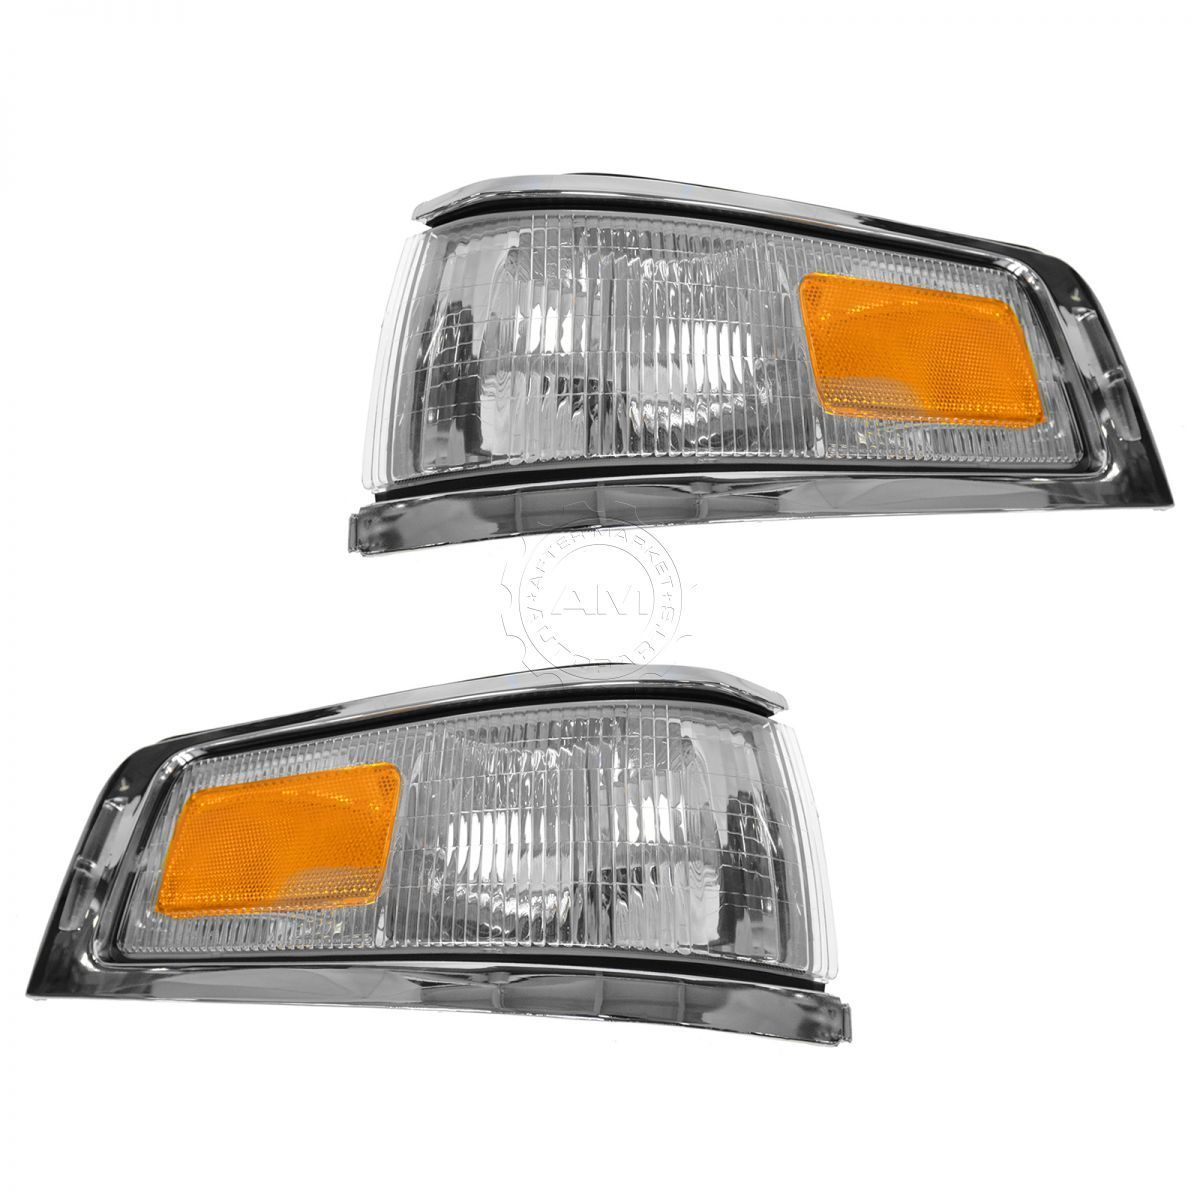 コーナーライト Marker Signal Blinker Corner Parking Light Lamp Pair Set for 95-97 Town Car マーカー信号点滅灯コーナーパーキングライトランプペア95-97タウンカー用